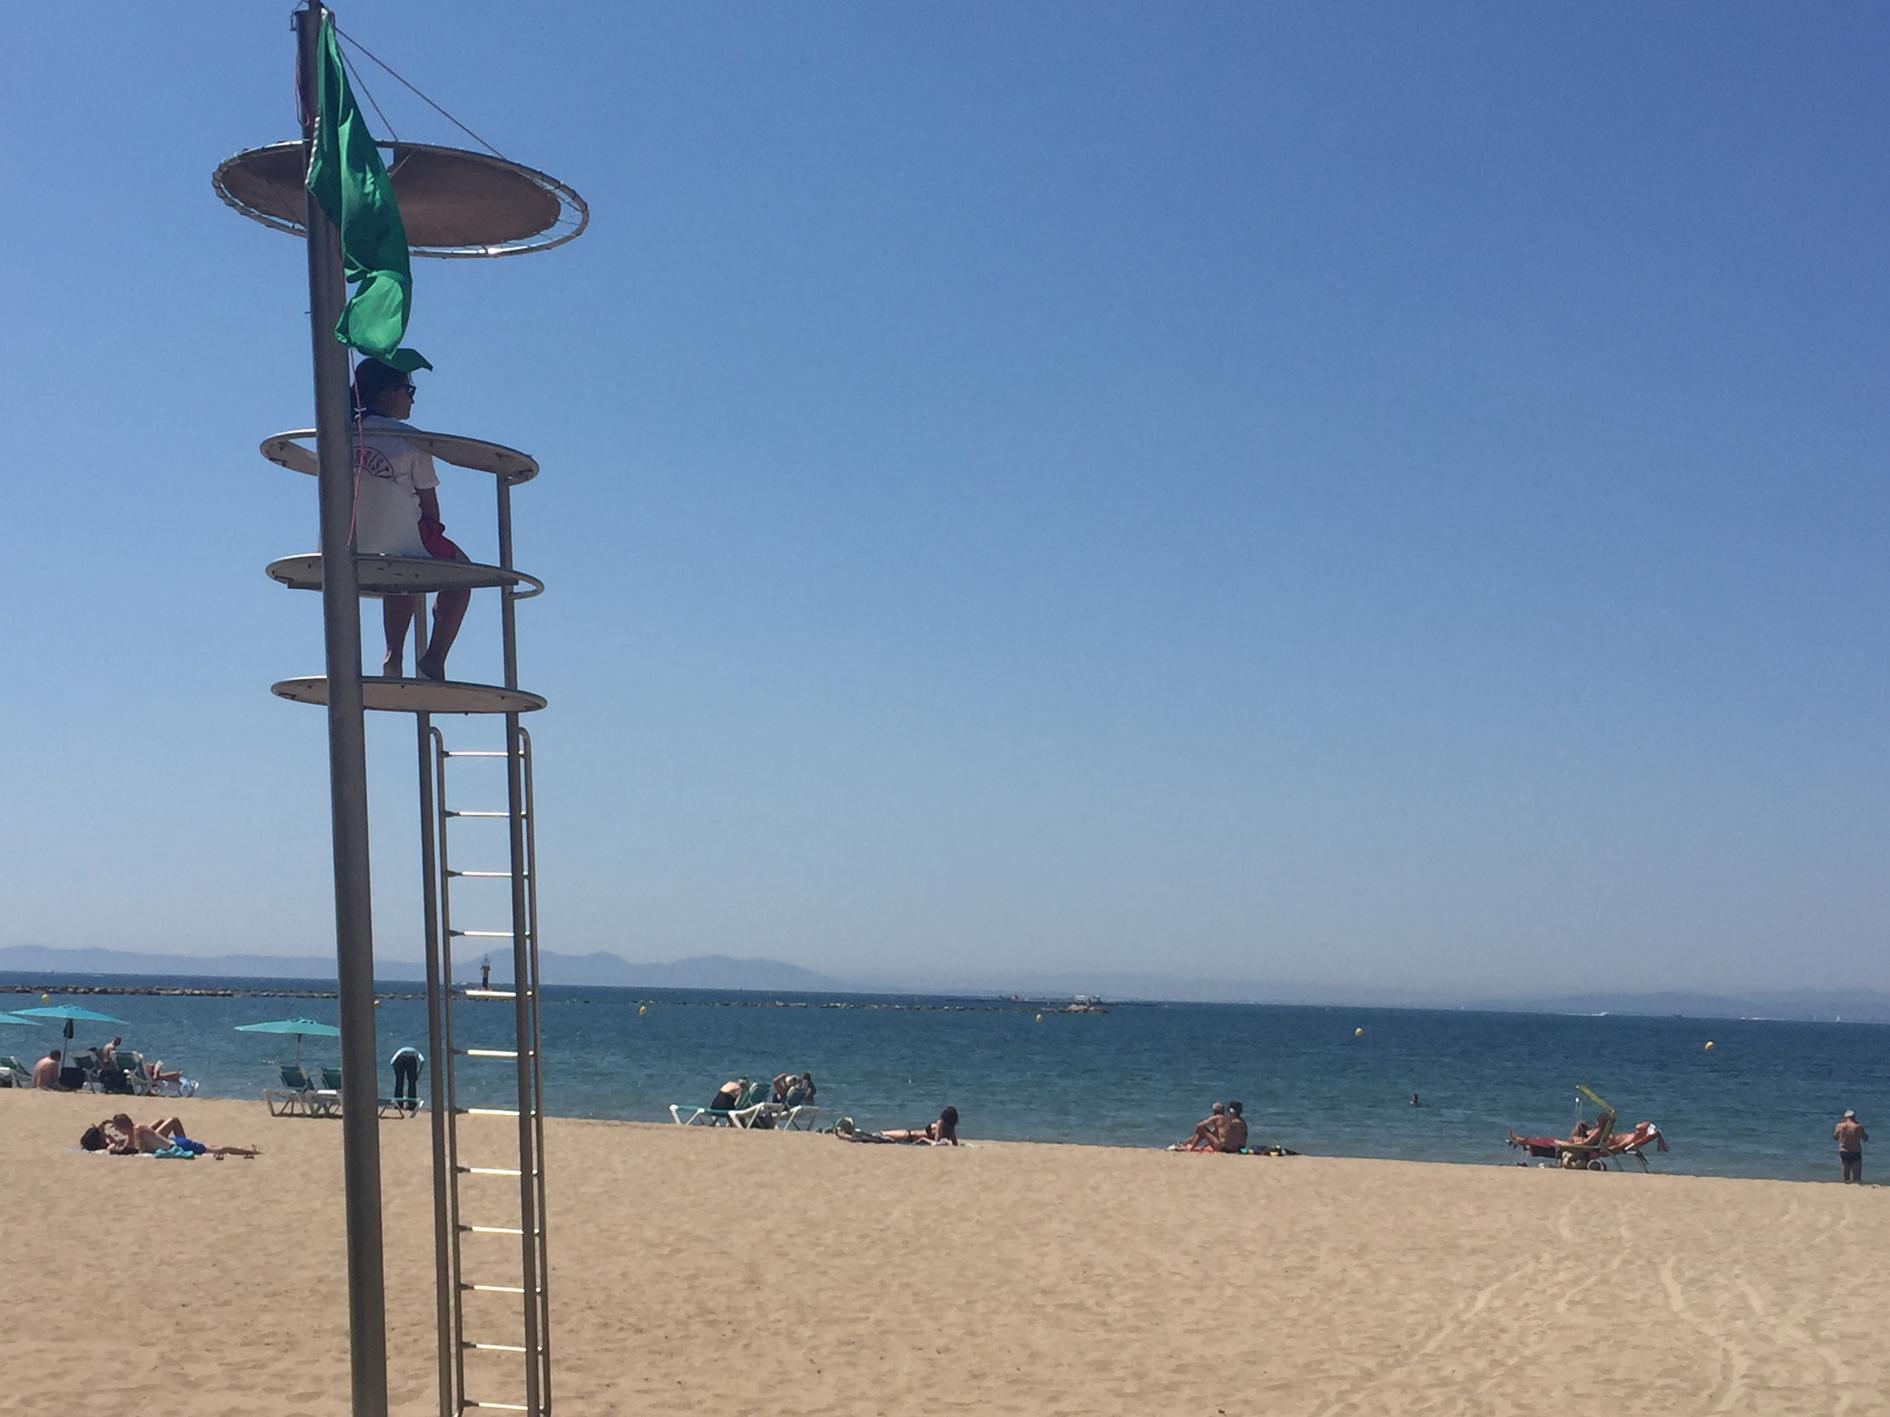 Inici del servei de vigilància, salvament i socorrisme a les platges de Roses